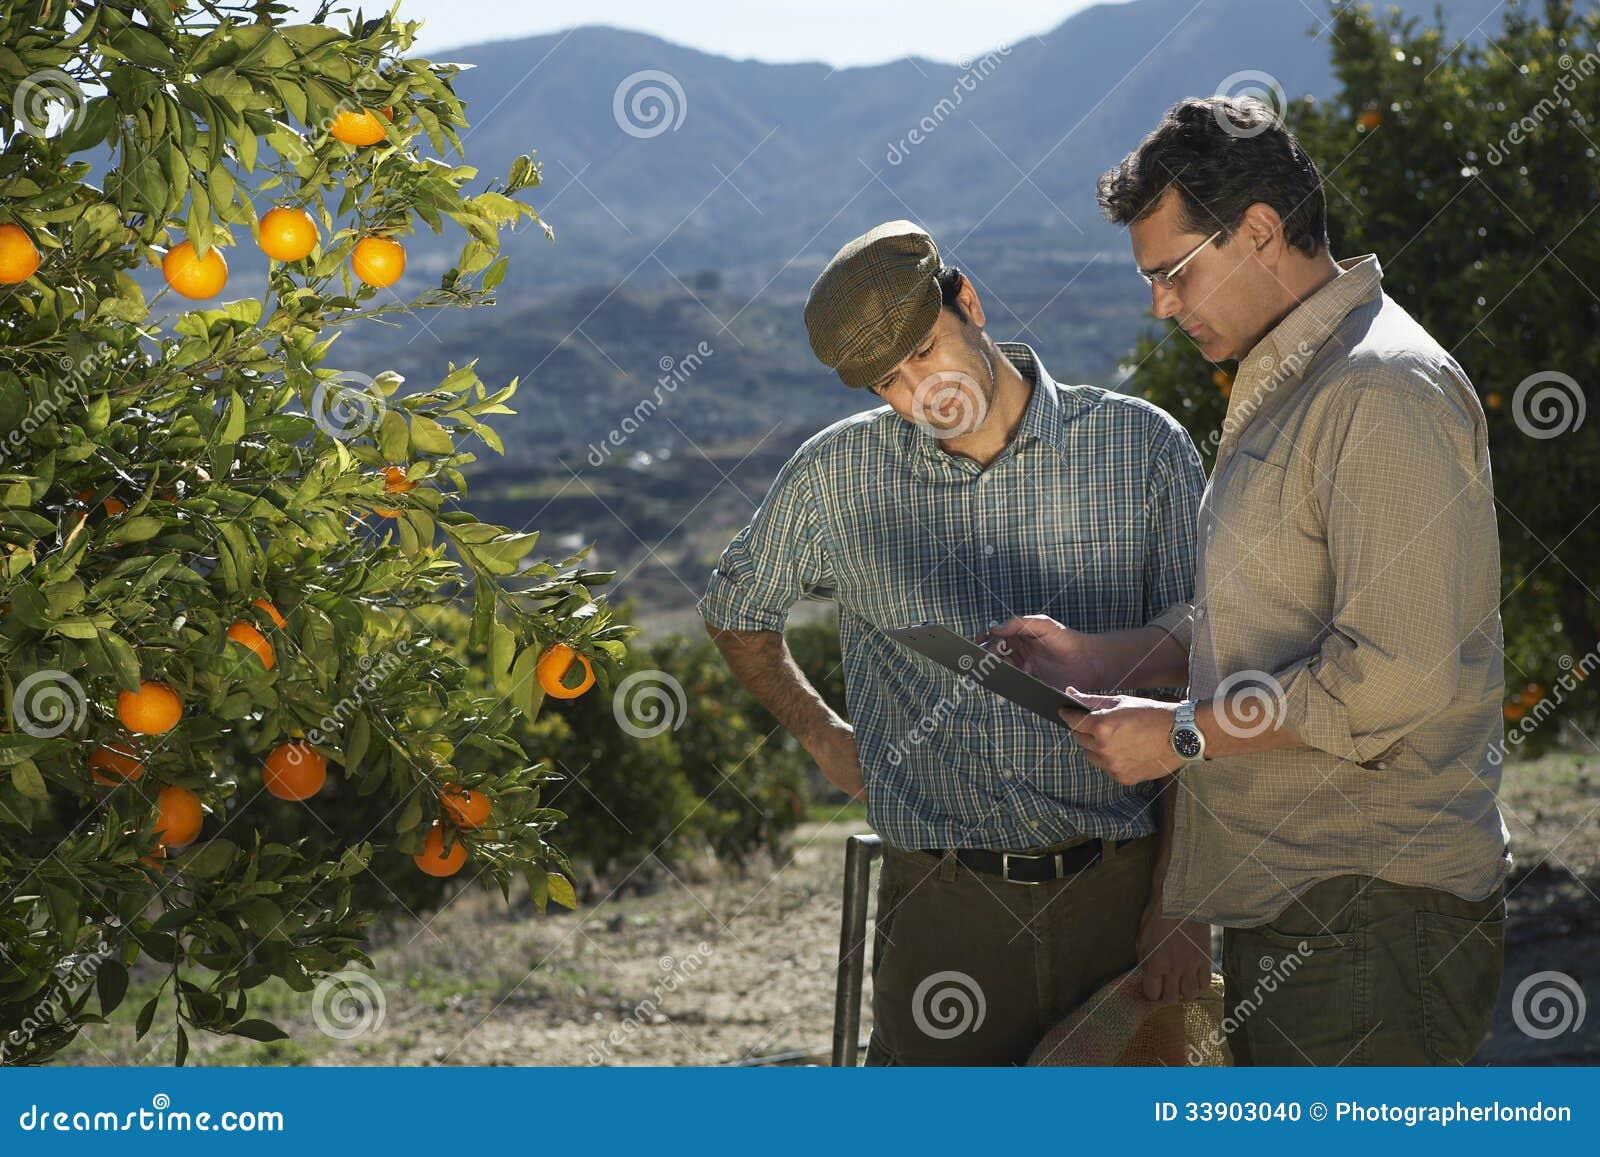 分析清单的农夫和监督员在农场